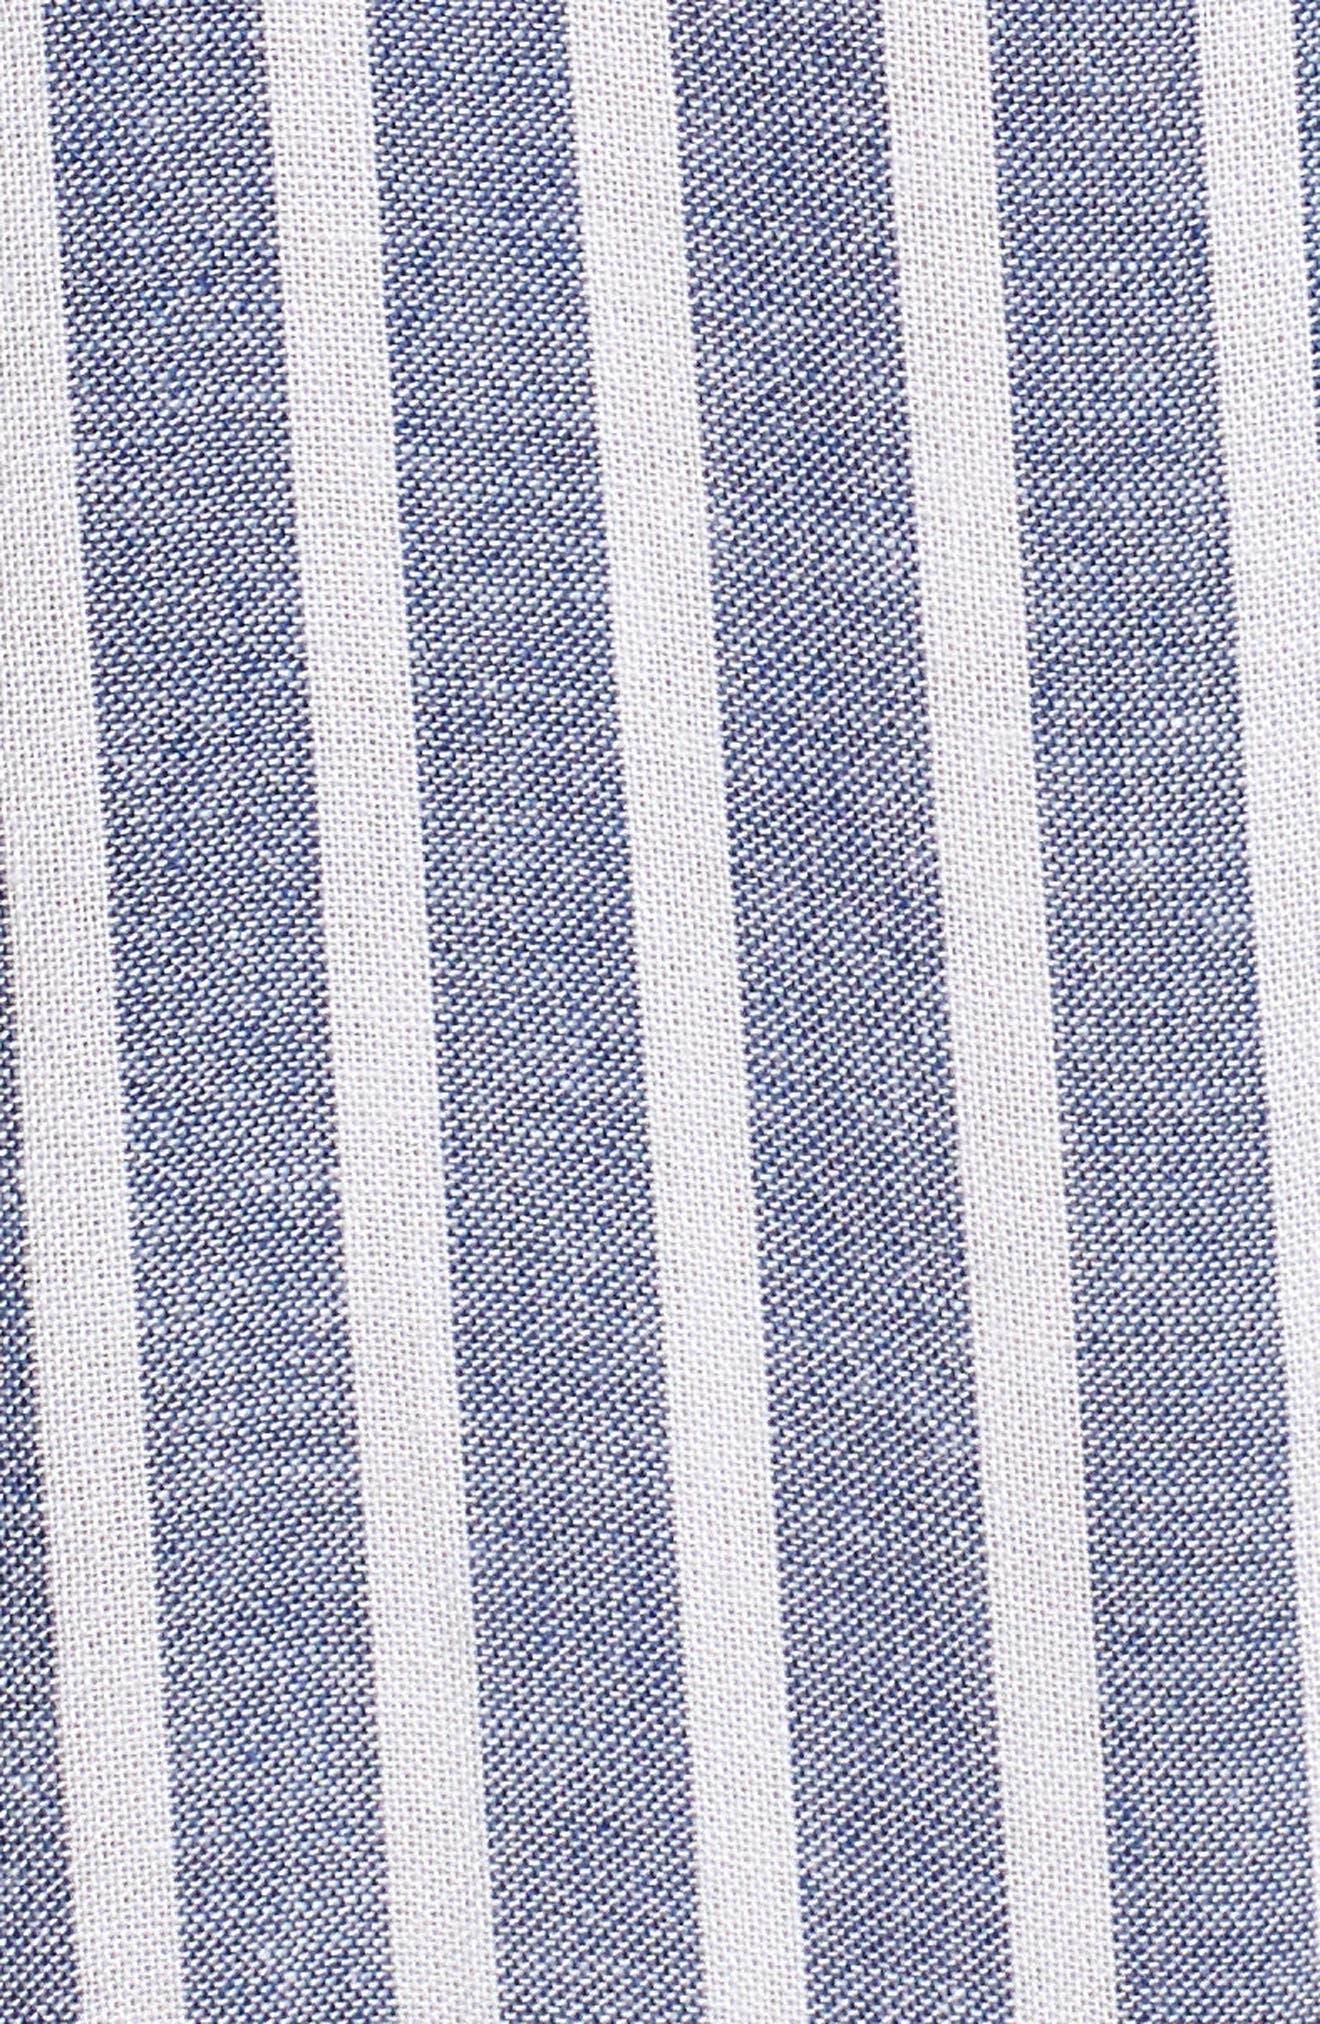 Benji Stripe Shirt,                             Alternate thumbnail 5, color,                             400